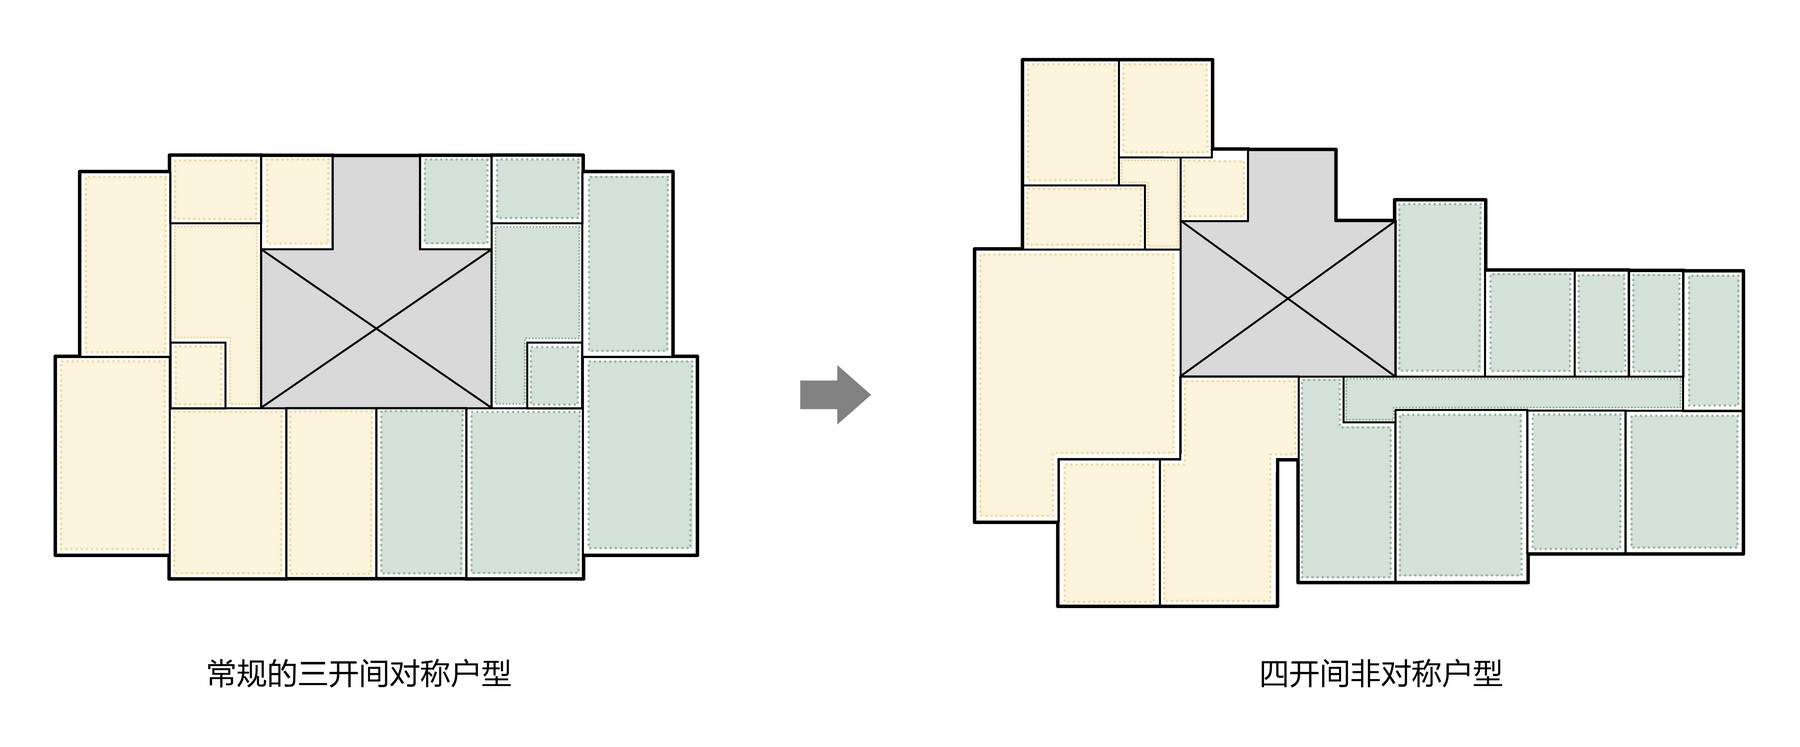 限定条件下的创新策略——杭州涌璘府设计回顾及思考 / 孟凡浩